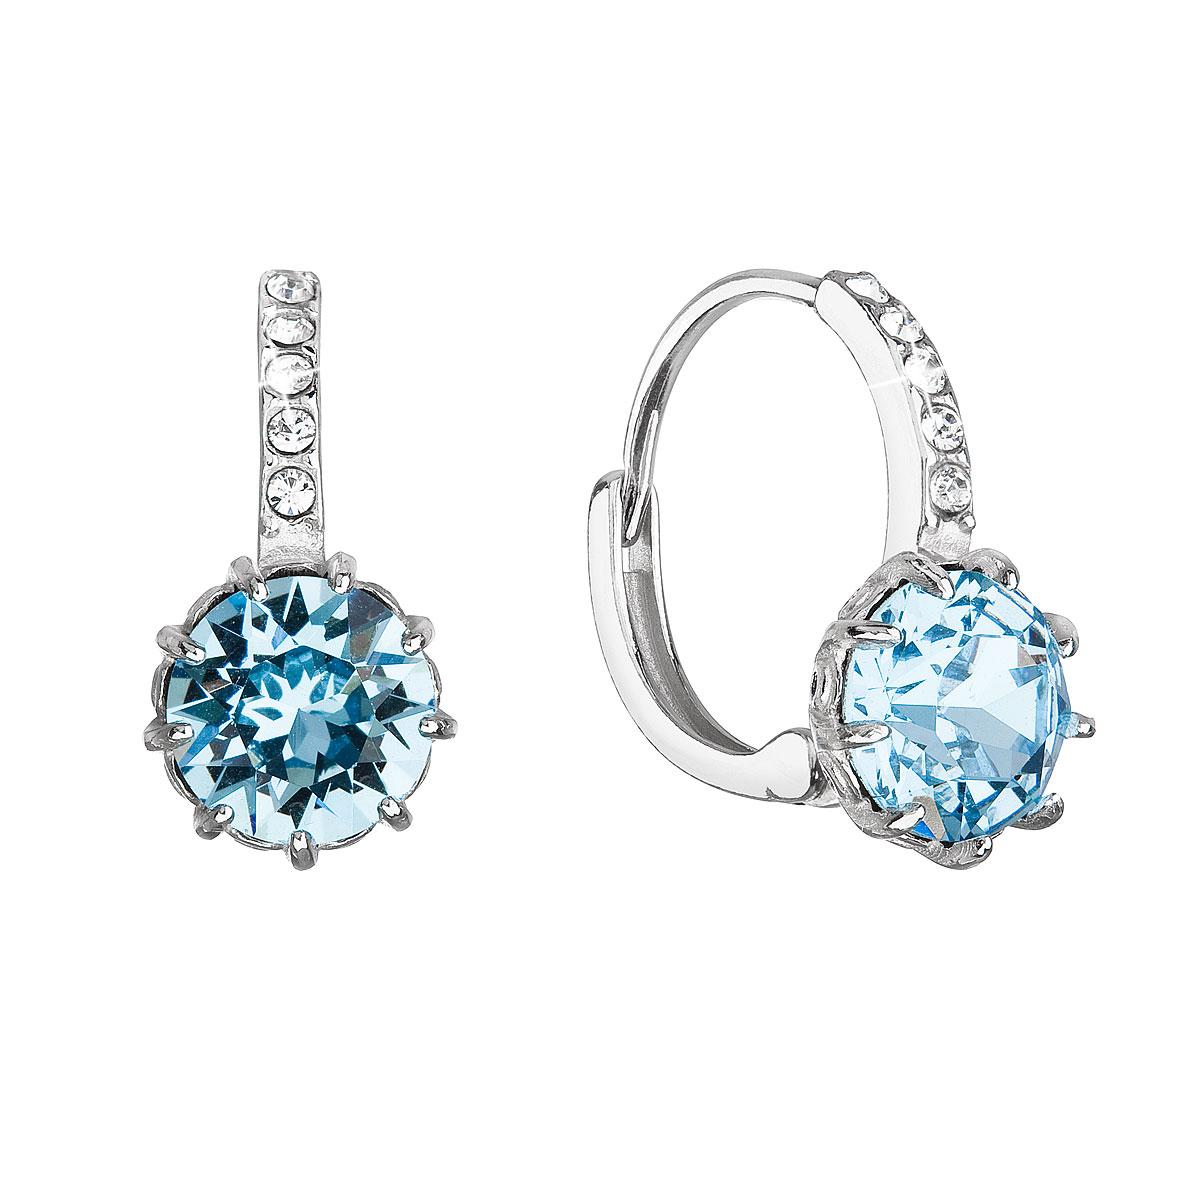 Evolution Group Stříbrné náušnice visací se Swarovski krystalem kulaté modré 31302.3